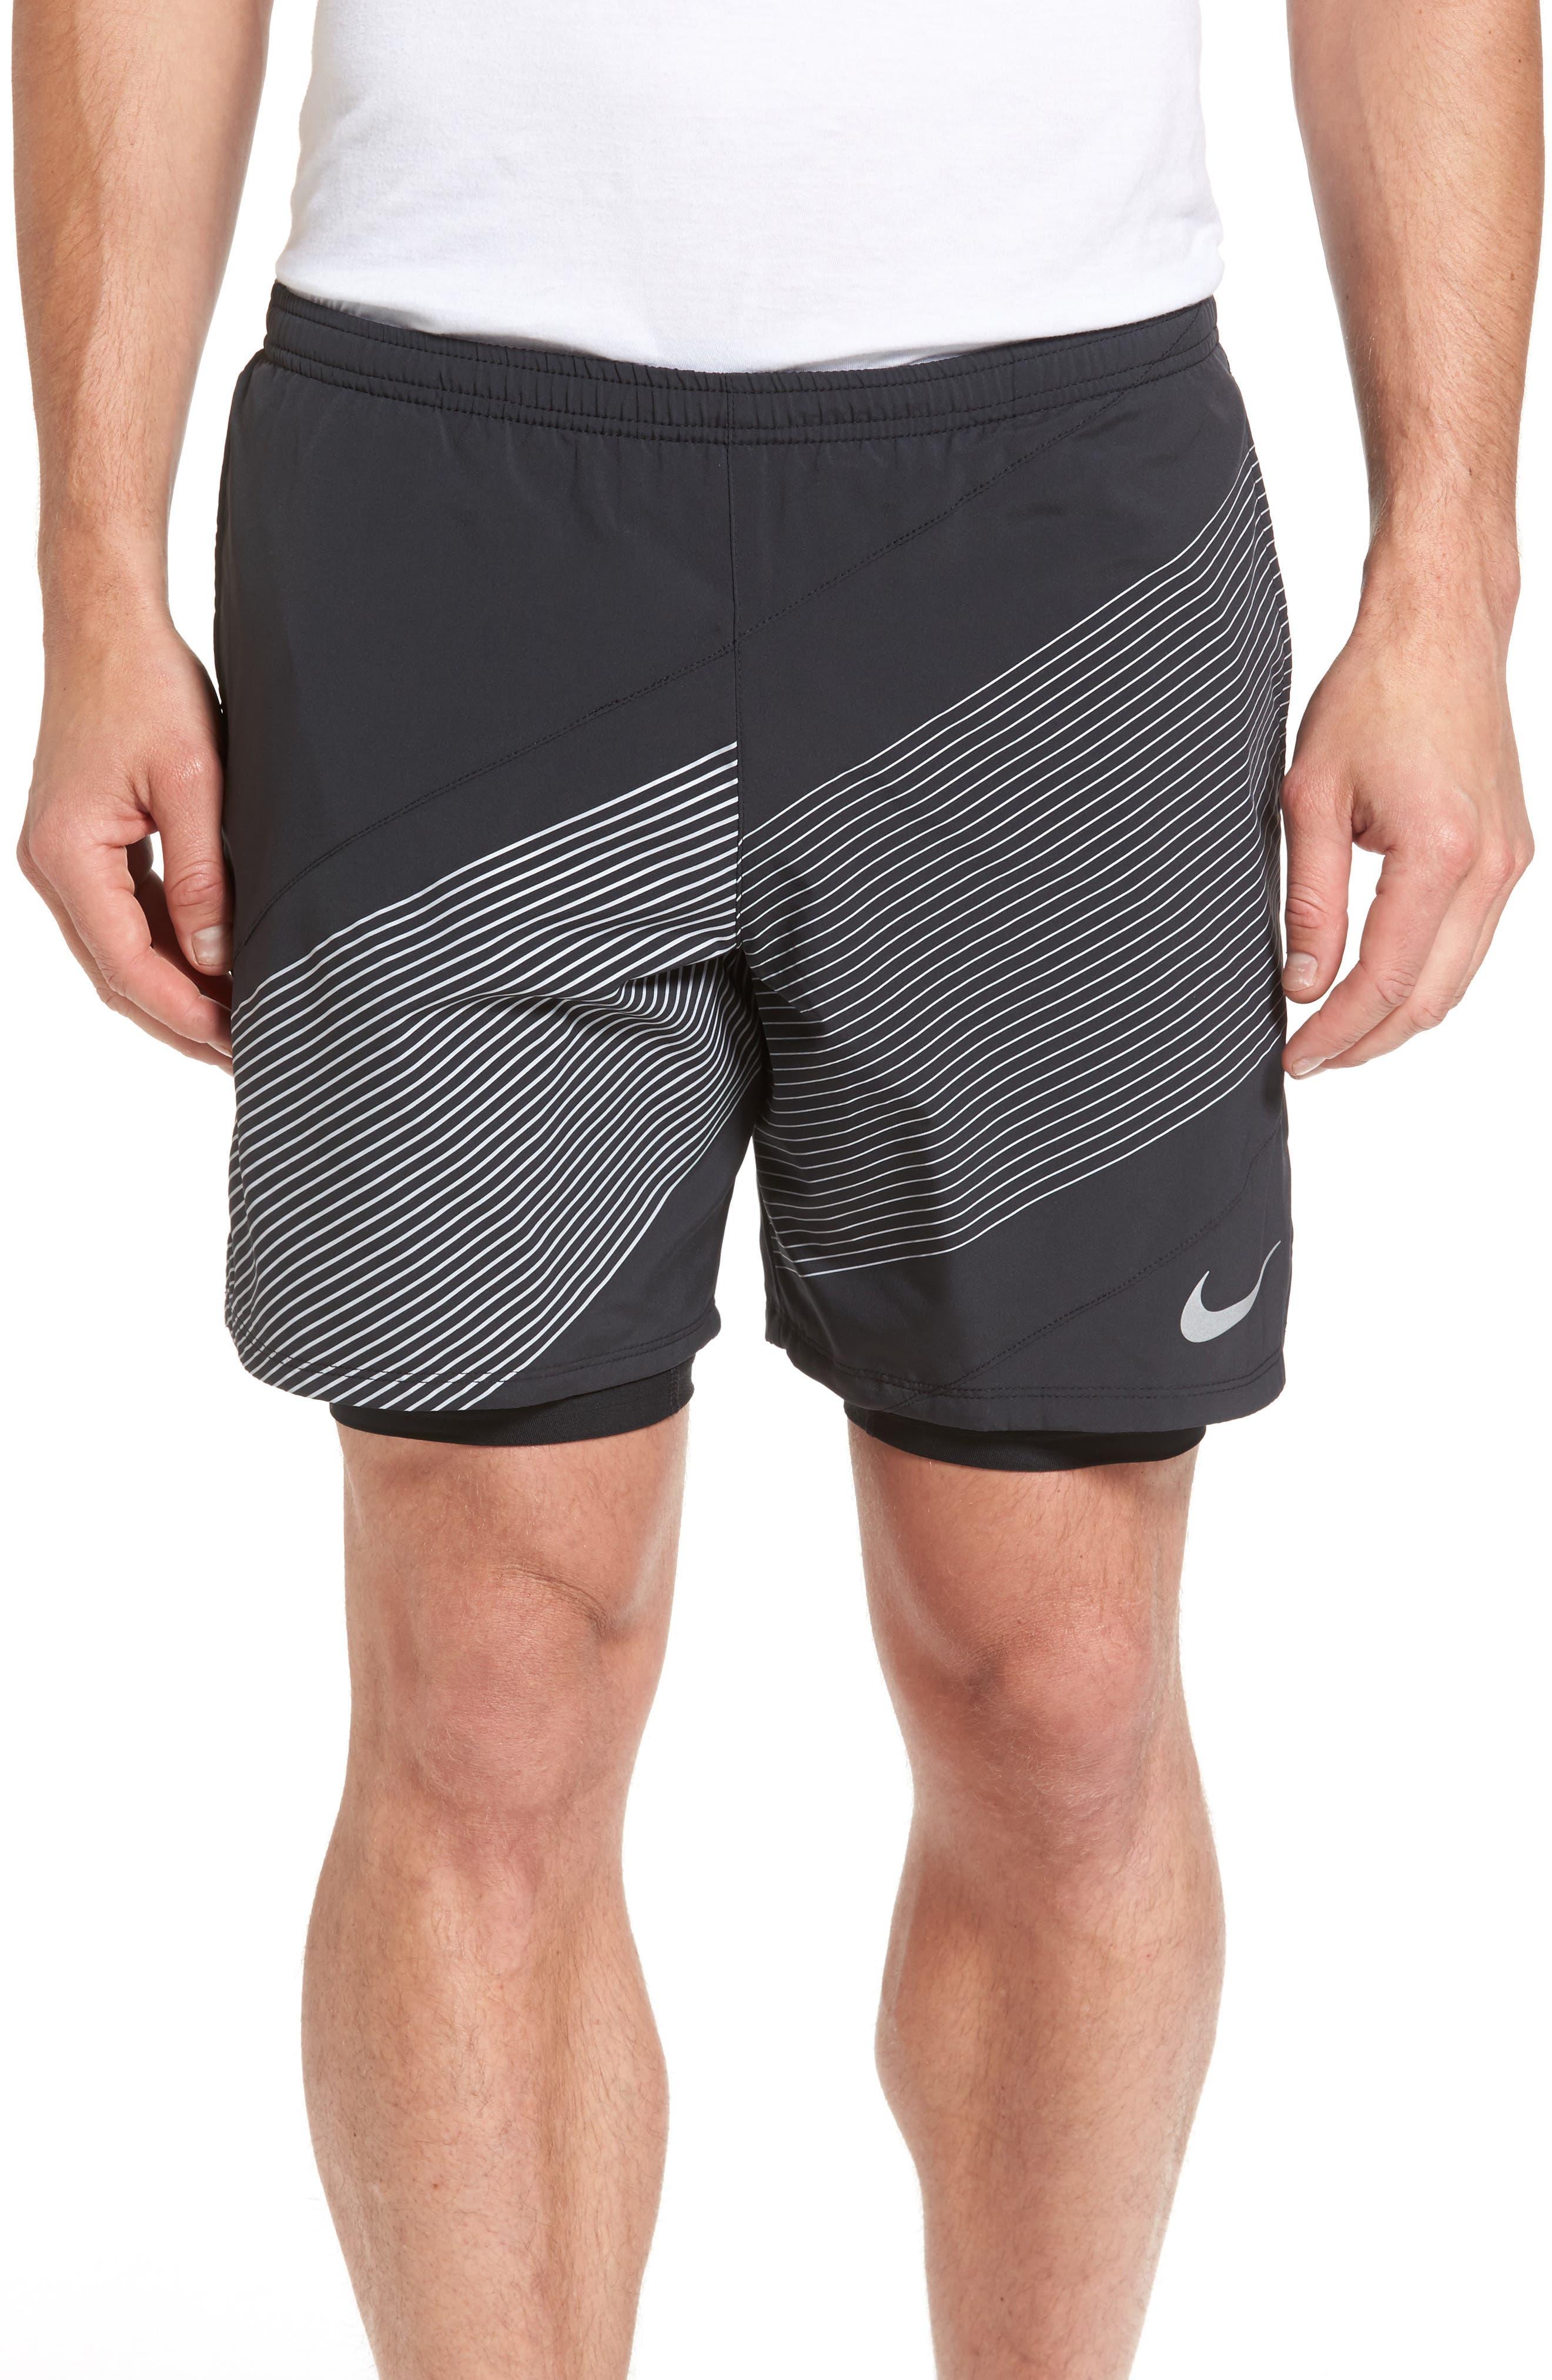 Flex Running Shorts,                         Main,                         color, Black